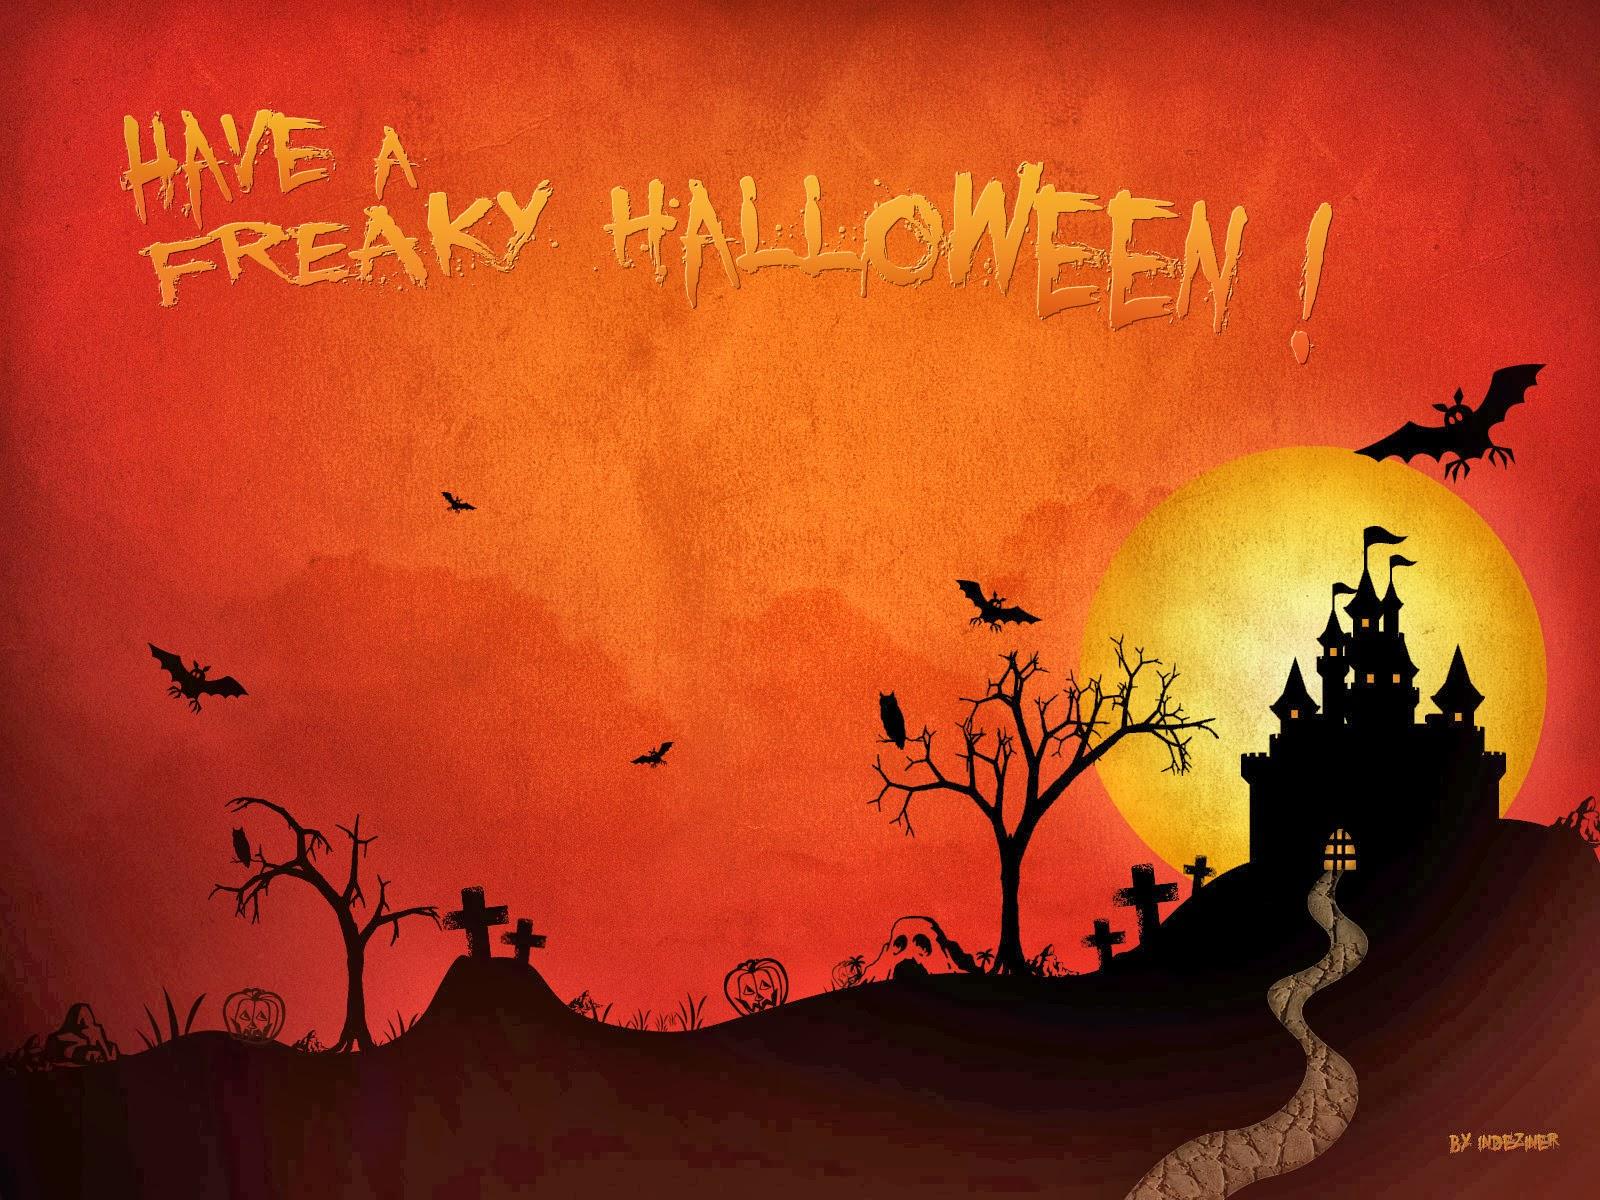 Kumpulan Gambar Animasi Hantu Hallowen Terbaru Terbaru 2016